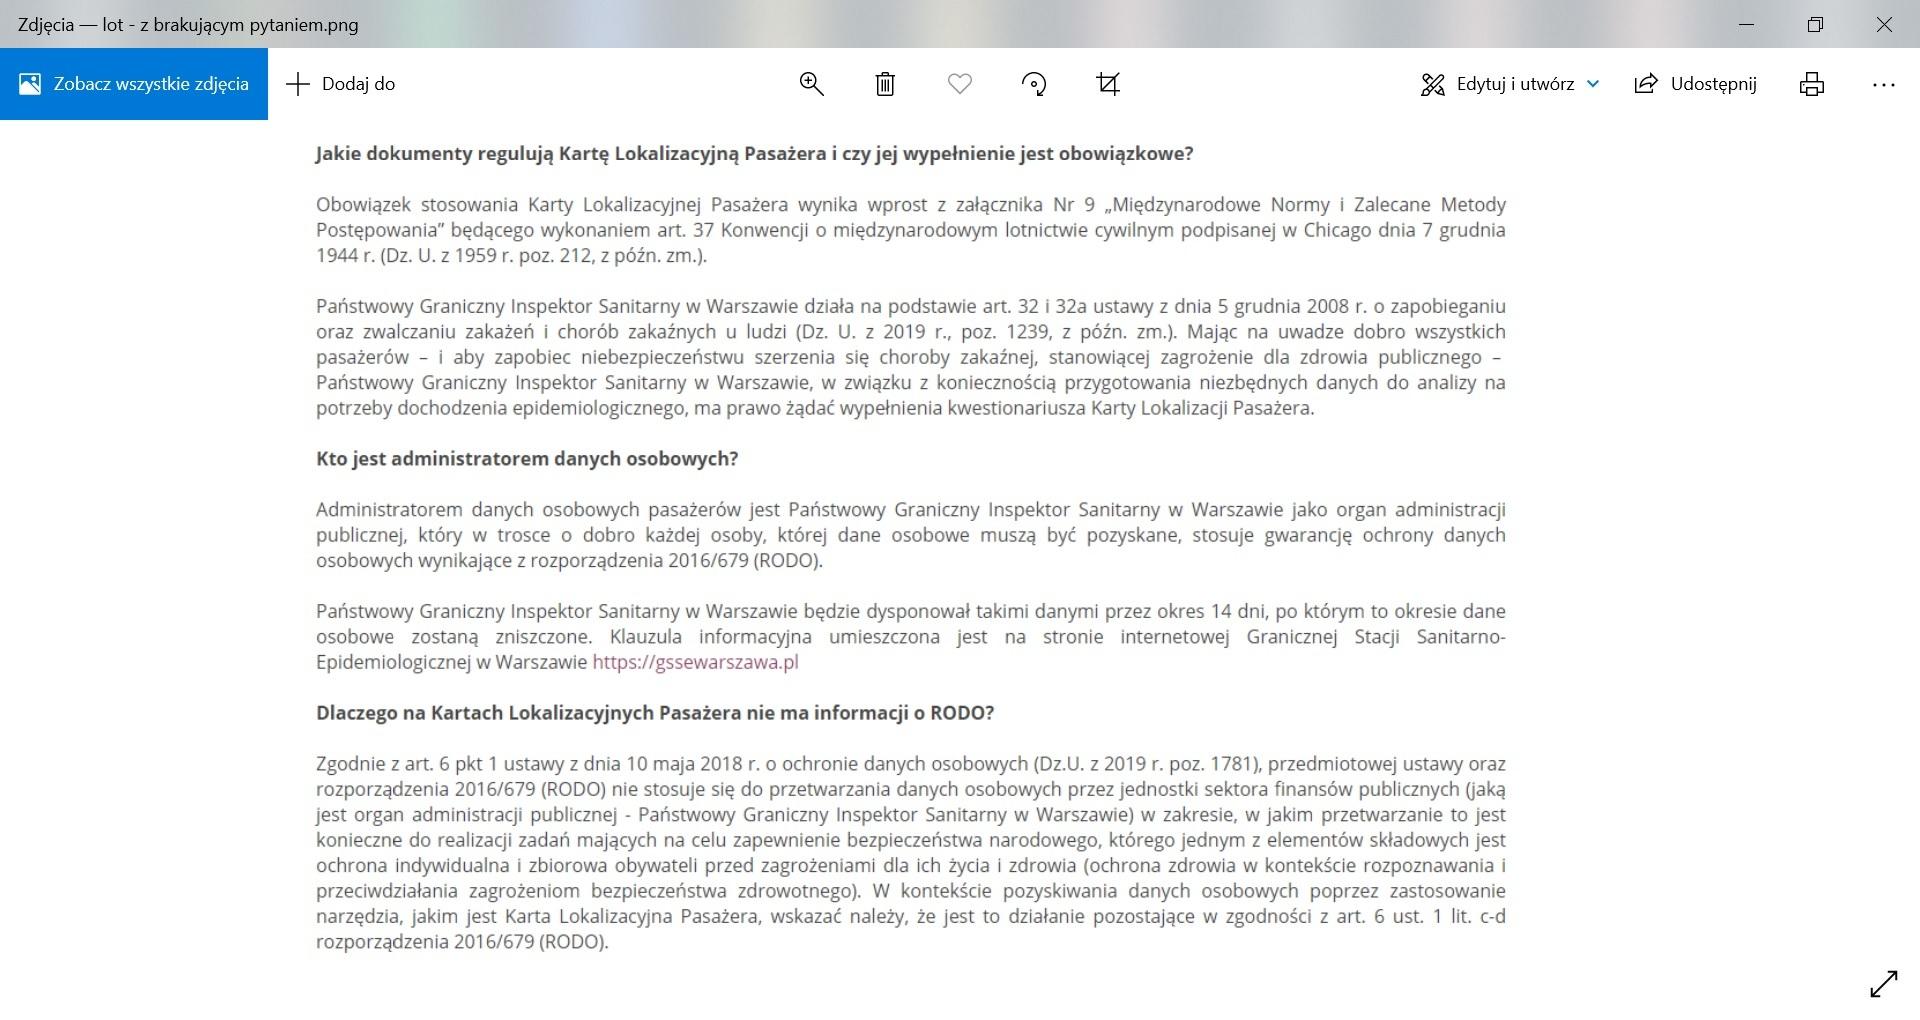 Informacja na stronie Lotniska Chopina o tym, kto jest administratorem danych osobowych (pytani i odpowiedź usunięto po 27 sierpnia)